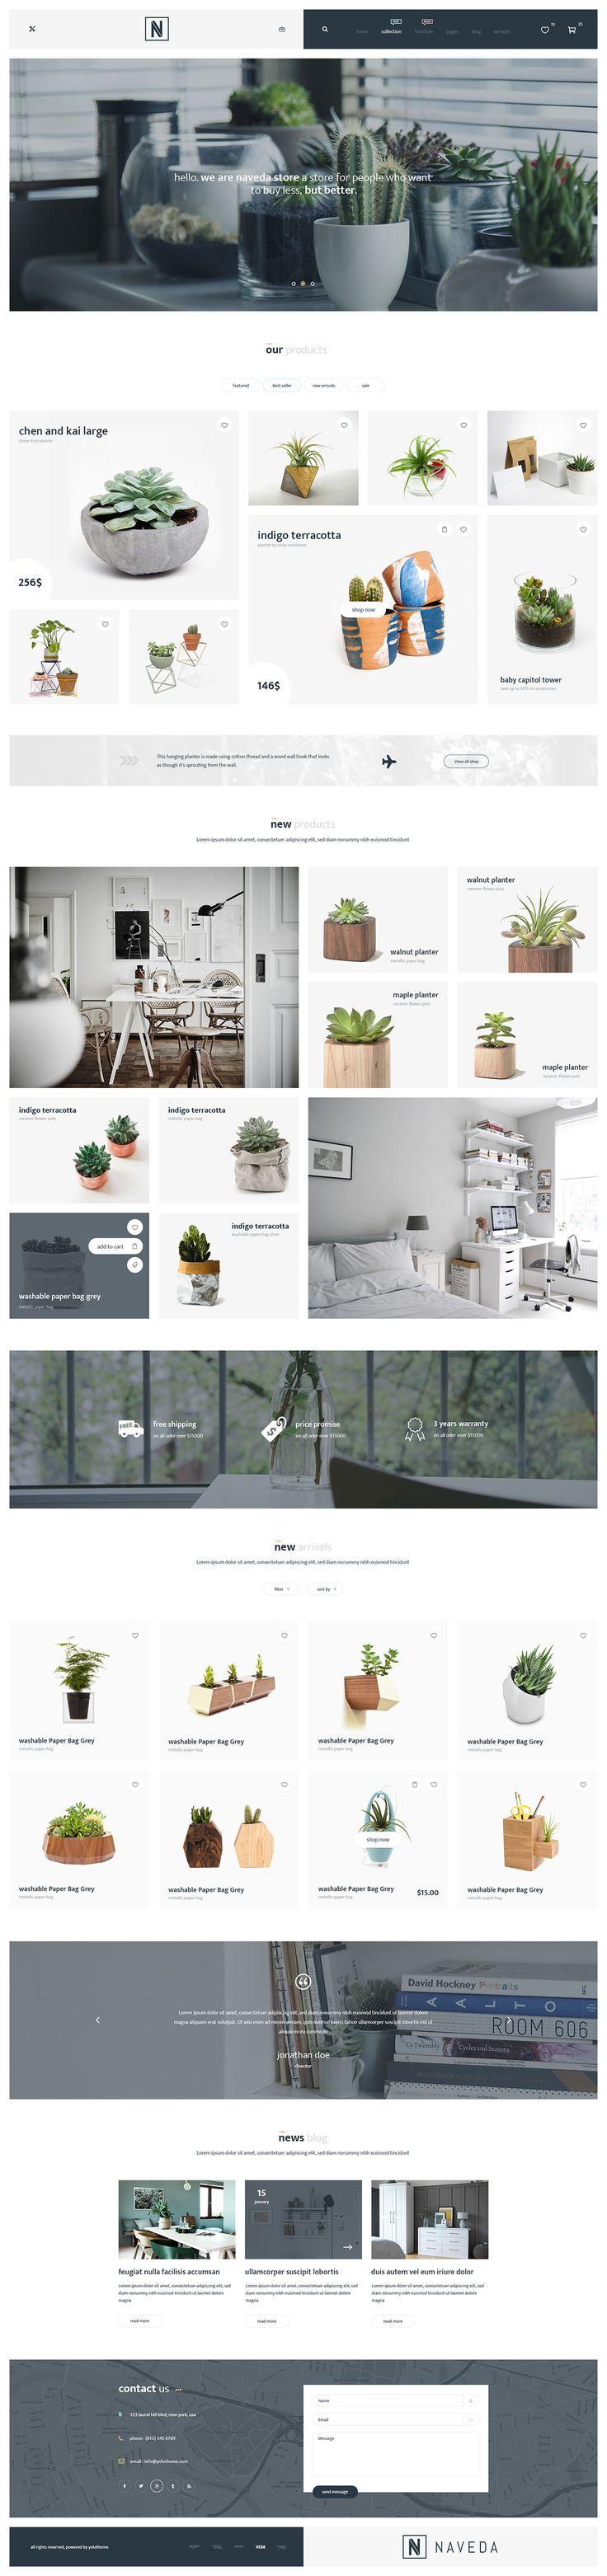 199 Best Webshop Design Images On Pinterest